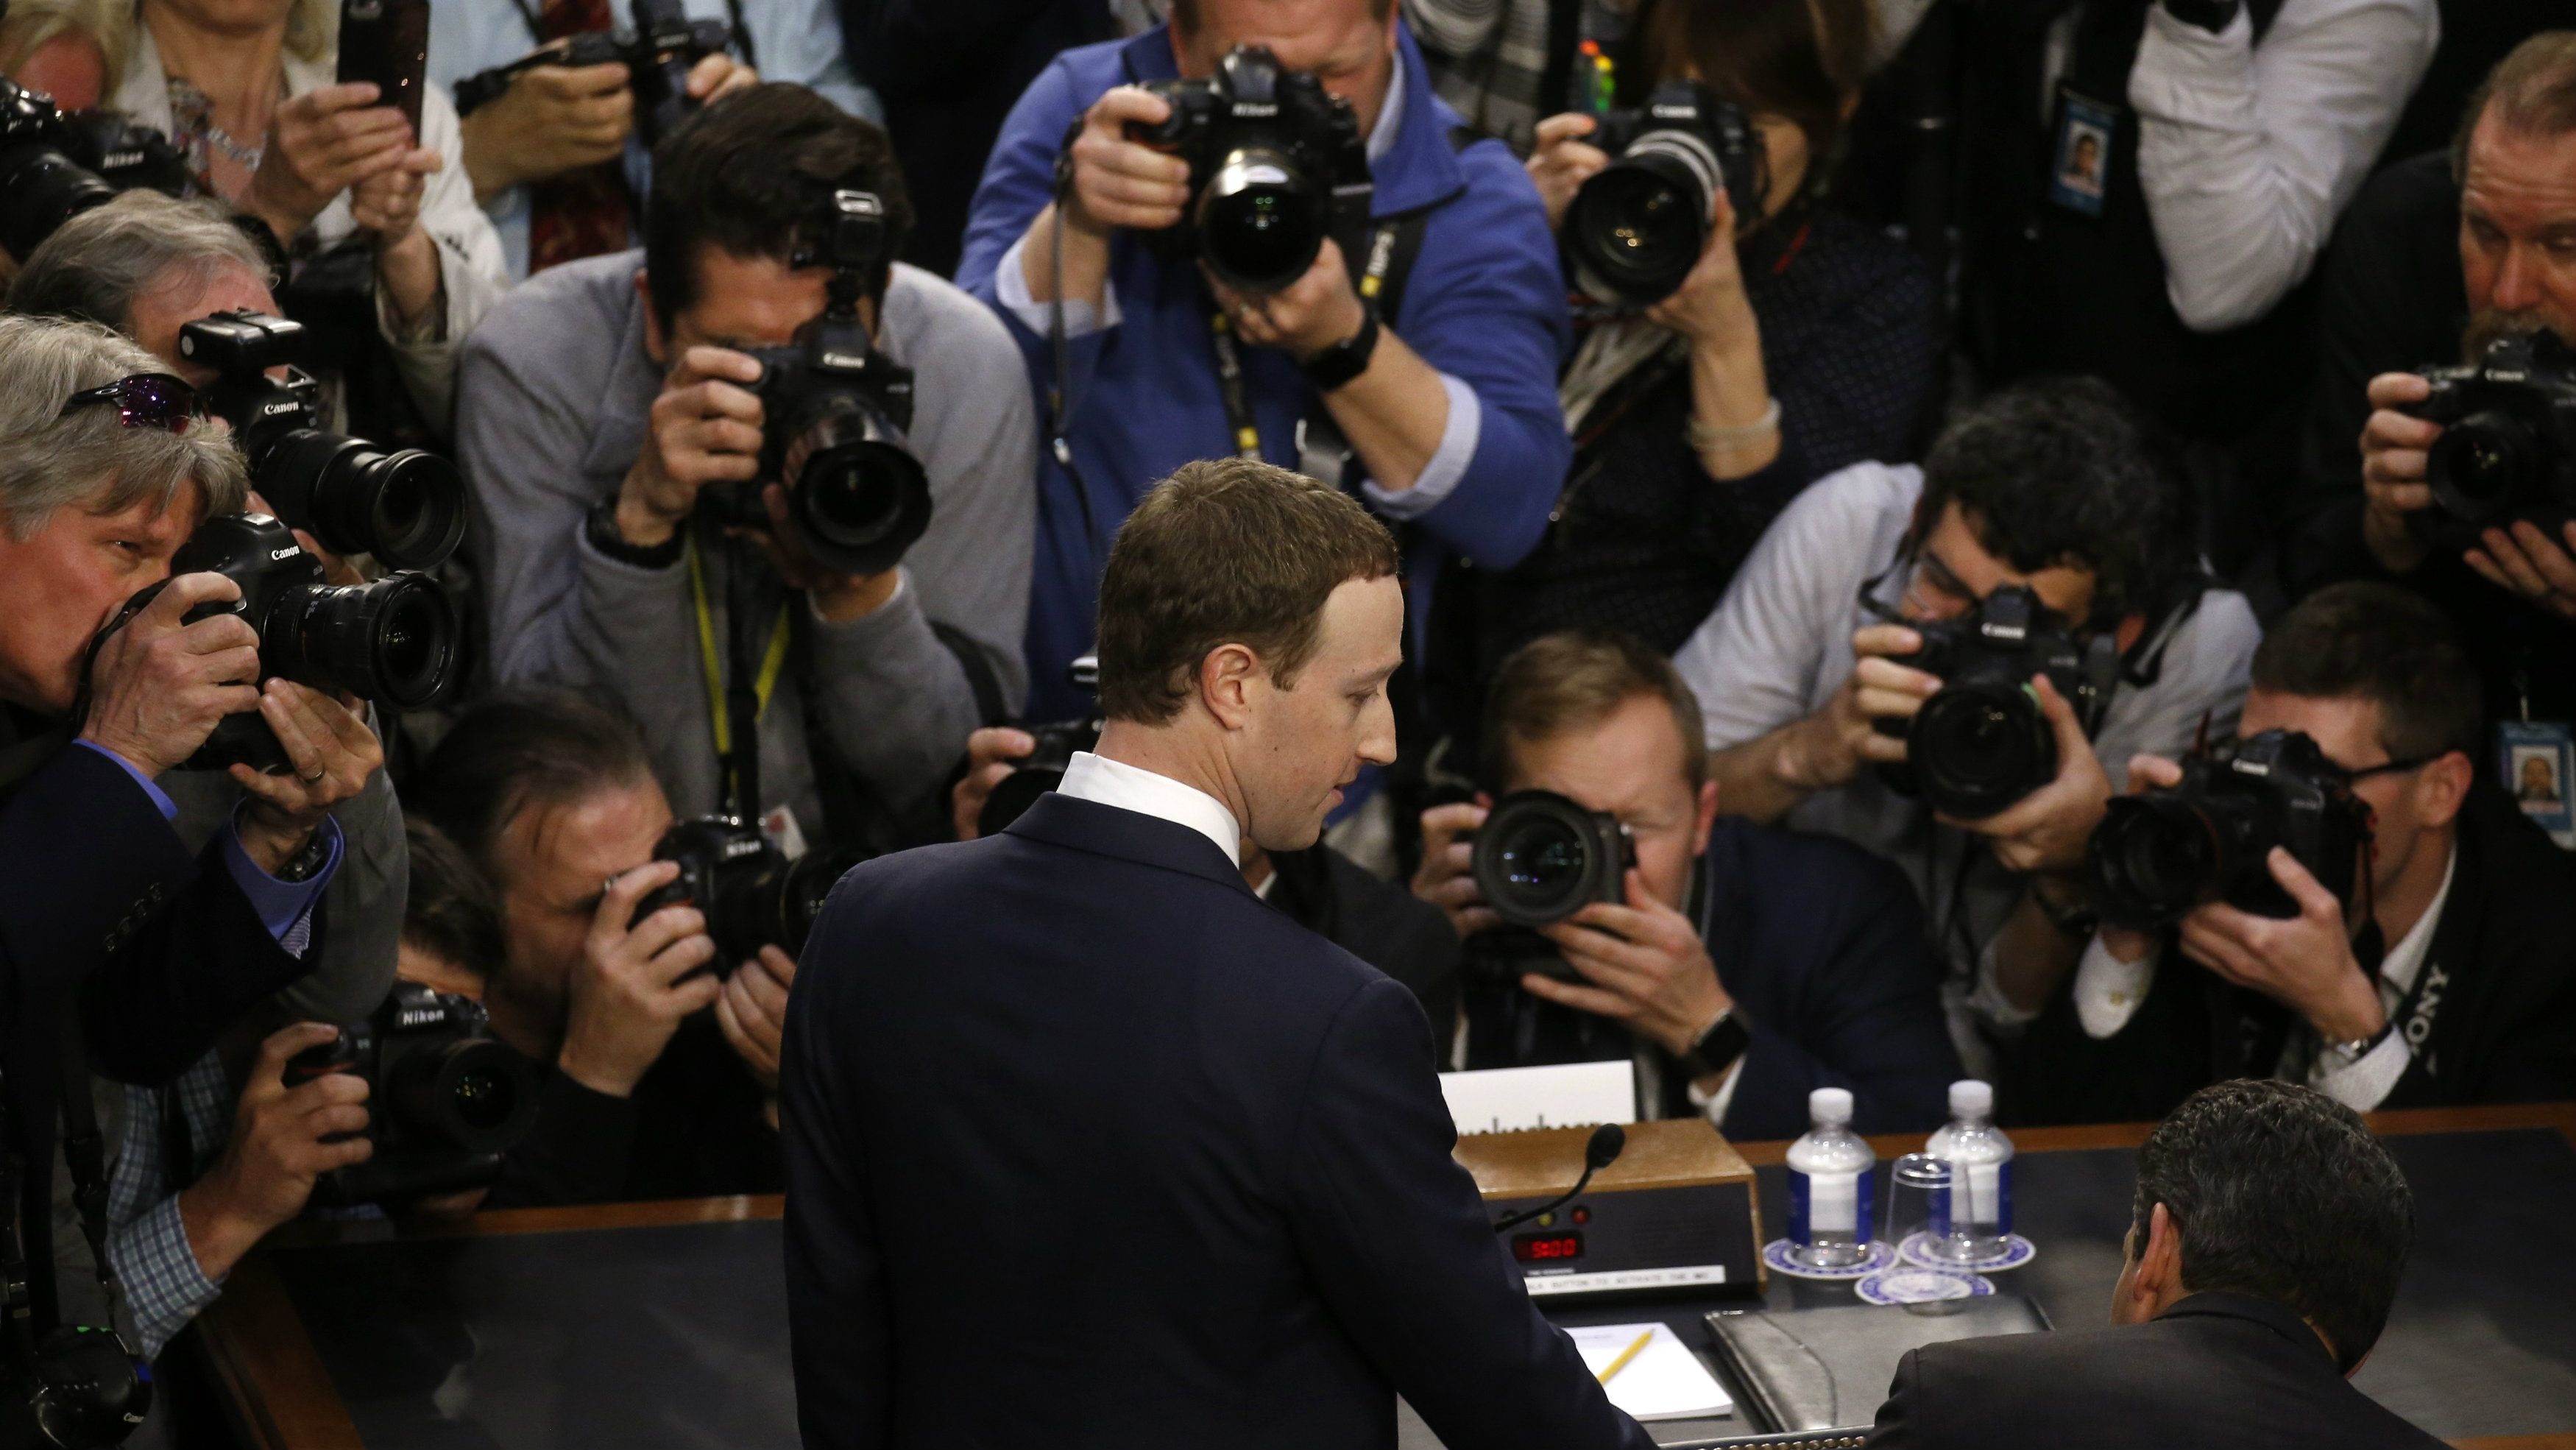 زاکربرگ - فیسبوک - گاتریا | دنیای فناوری